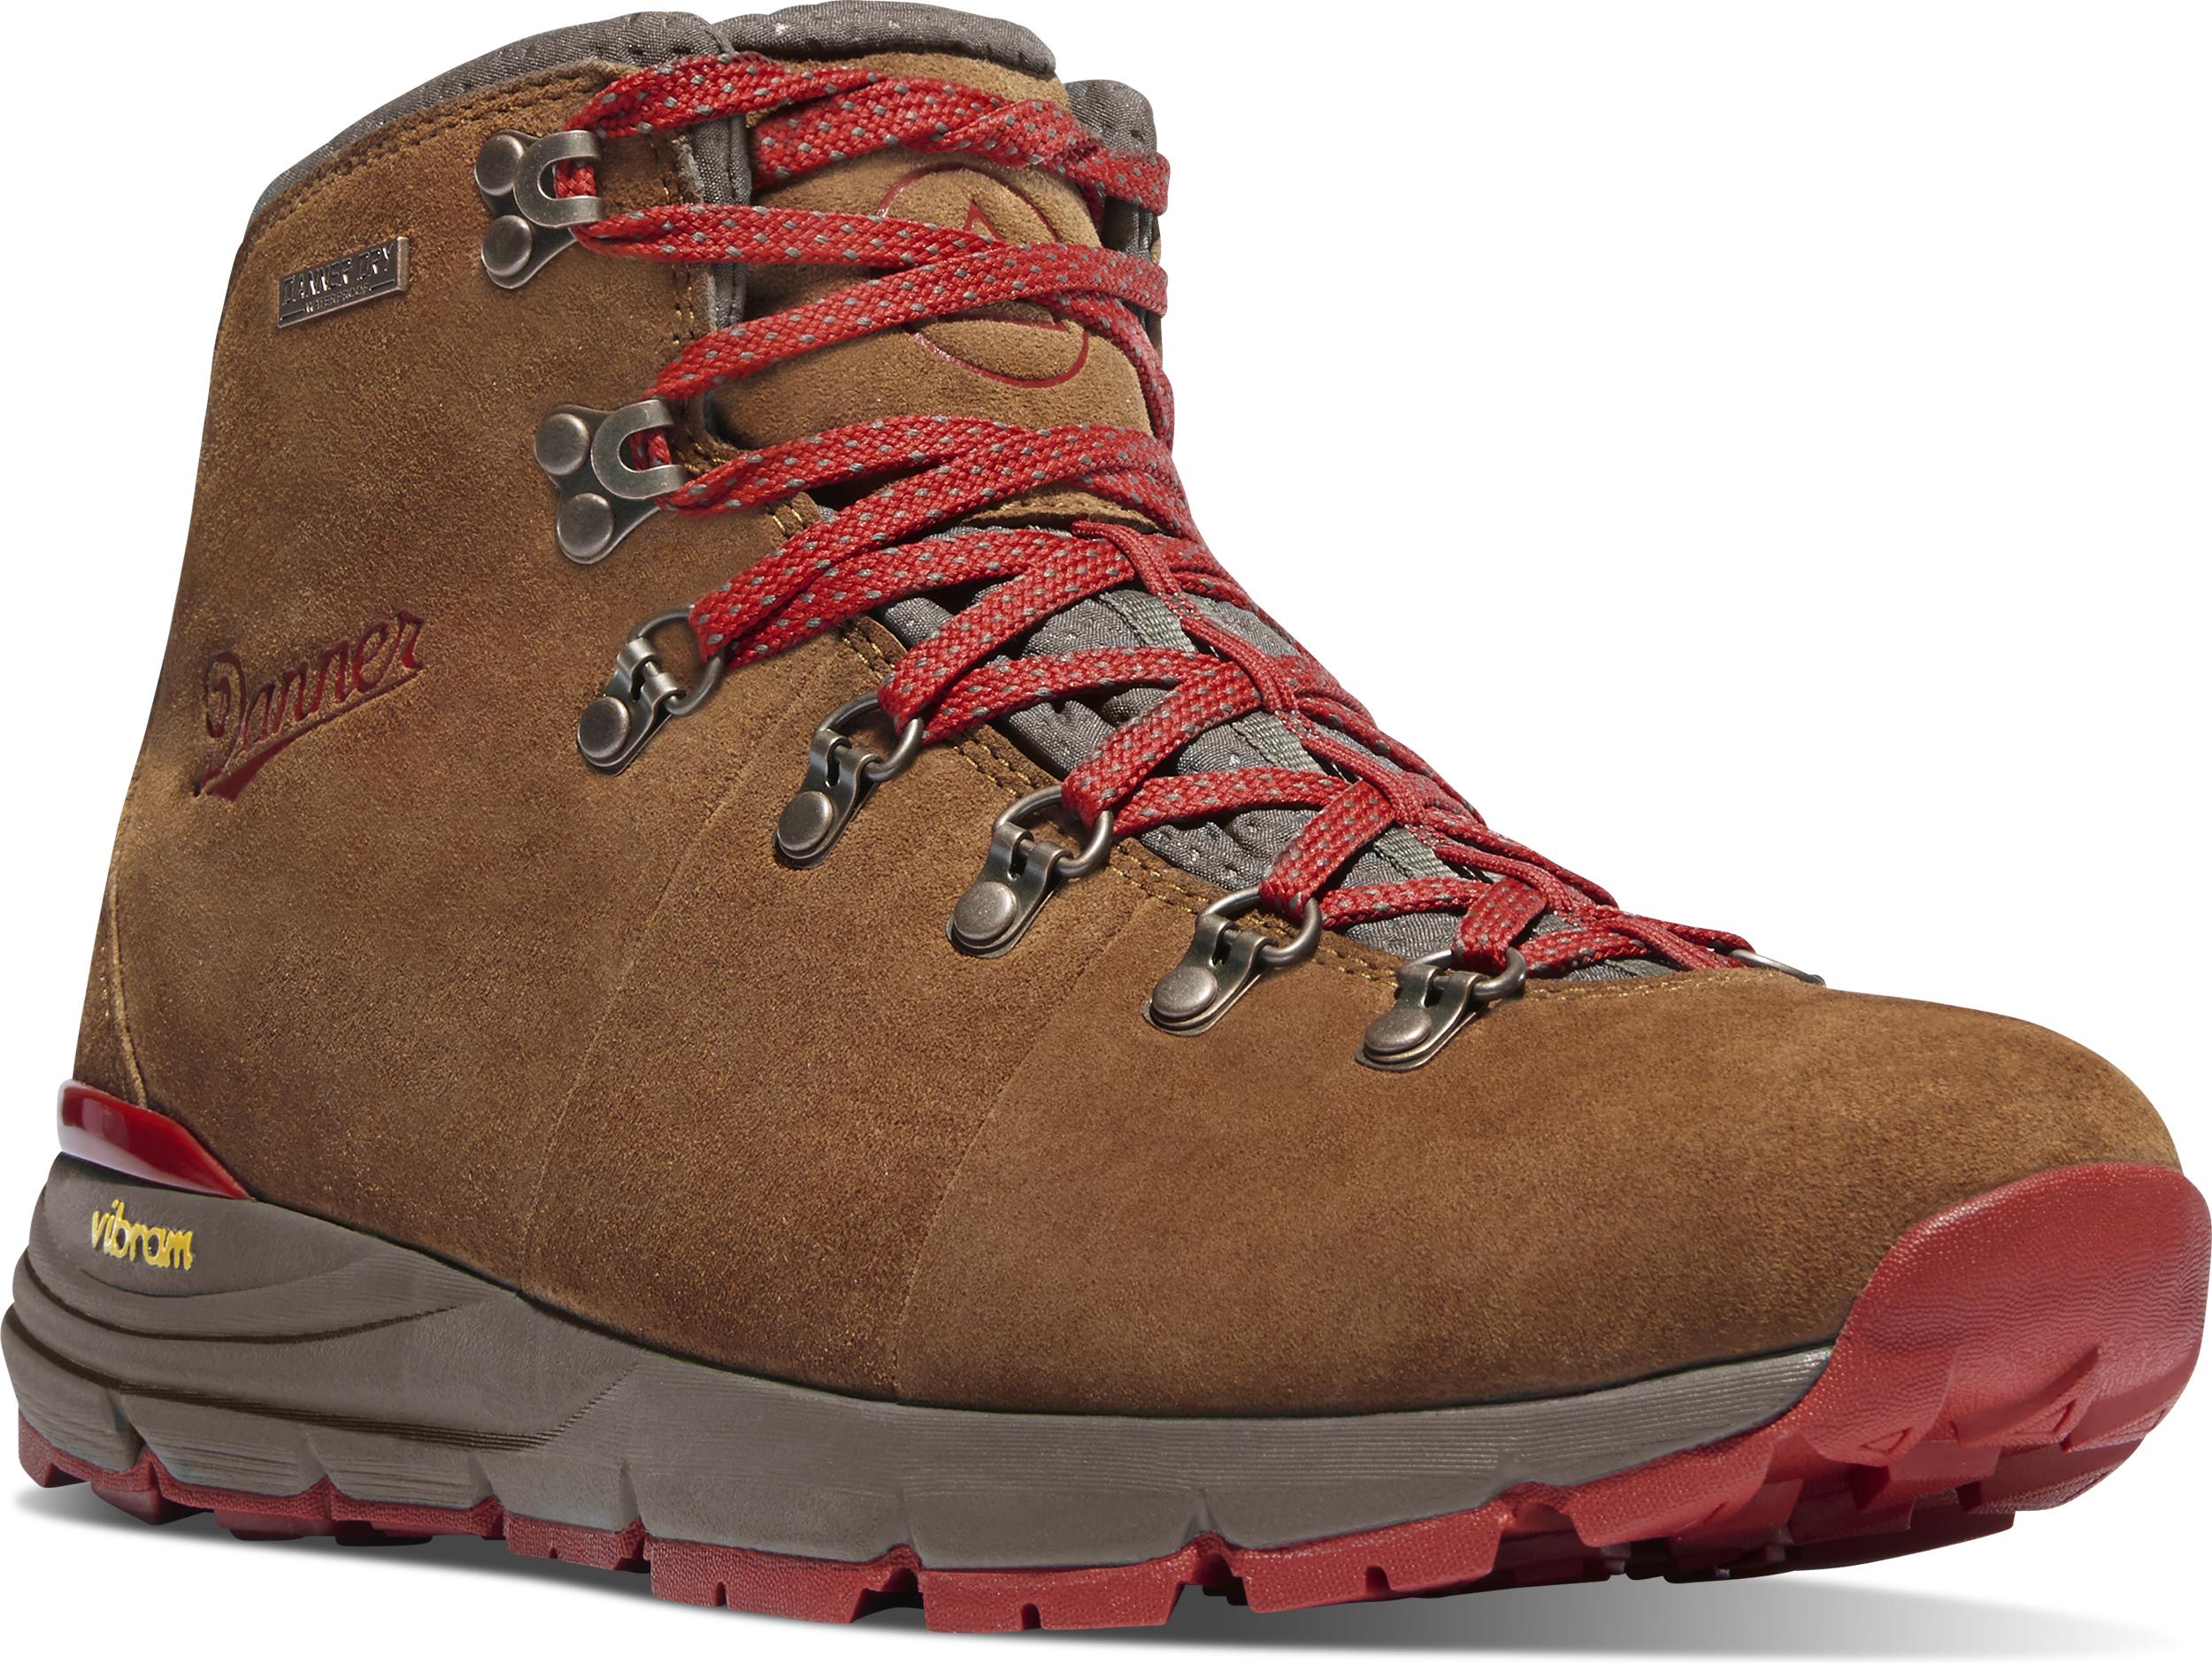 Danner Mountain 600 Waterproof Boots